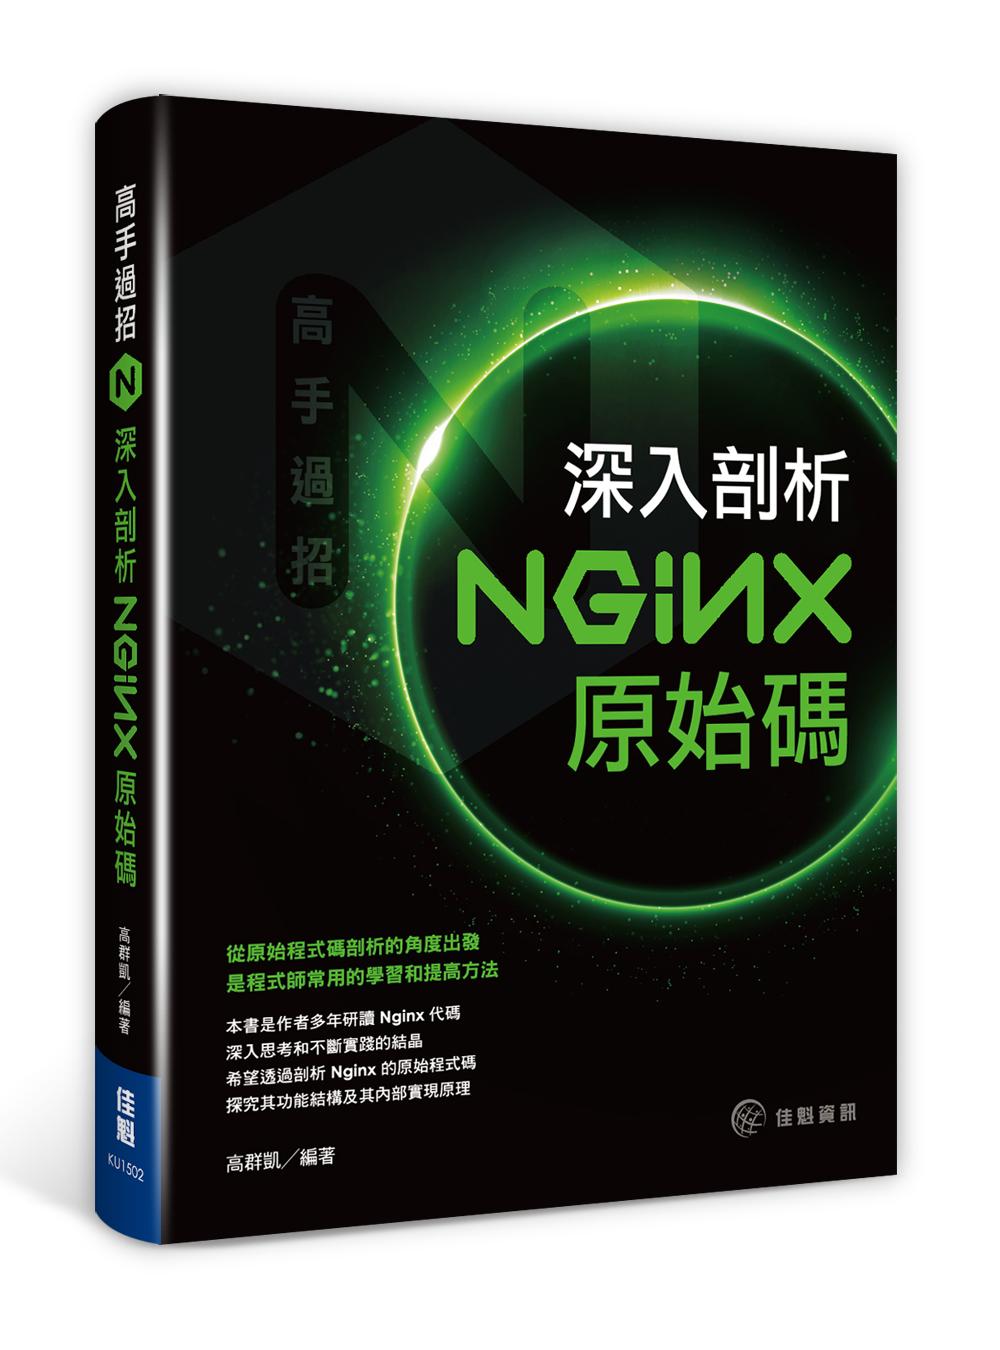 高手過招:深入剖析Nginx原始碼